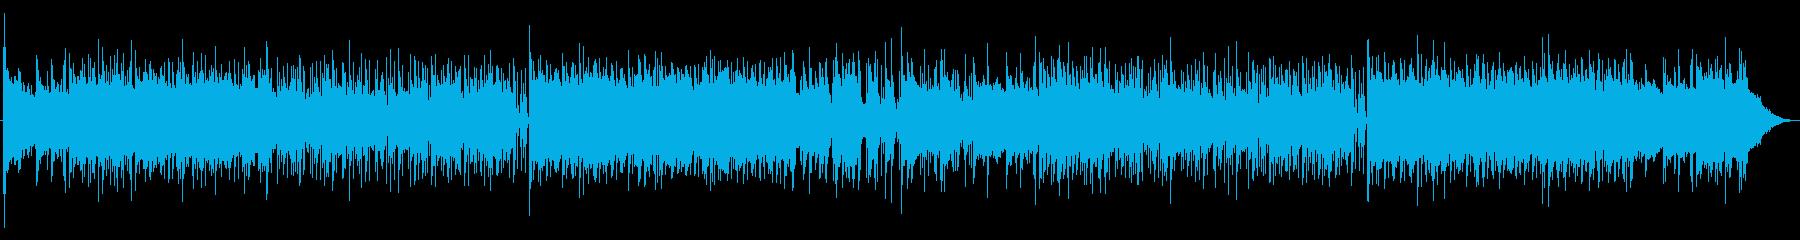 明るい未来を感じるピアノロックポップスの再生済みの波形